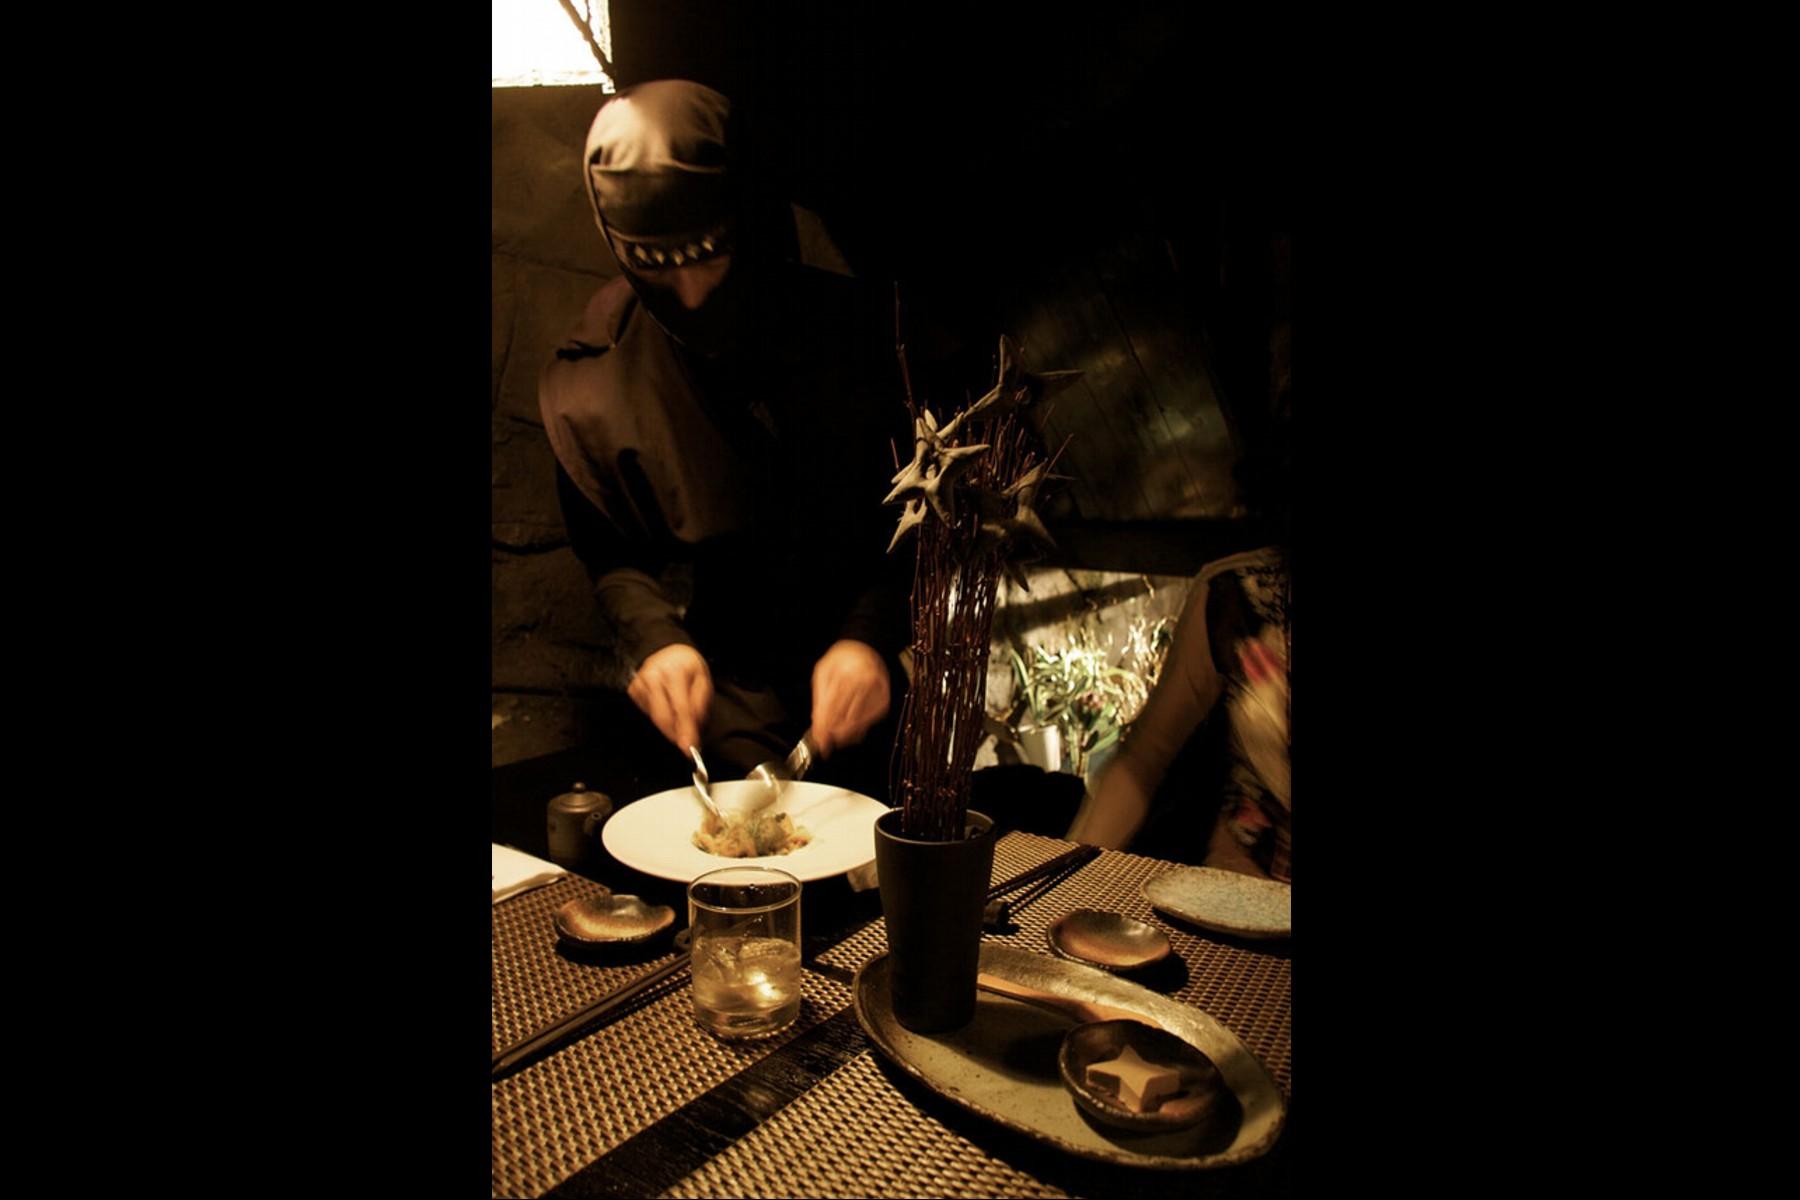 restaurantes_frikis_431_570x